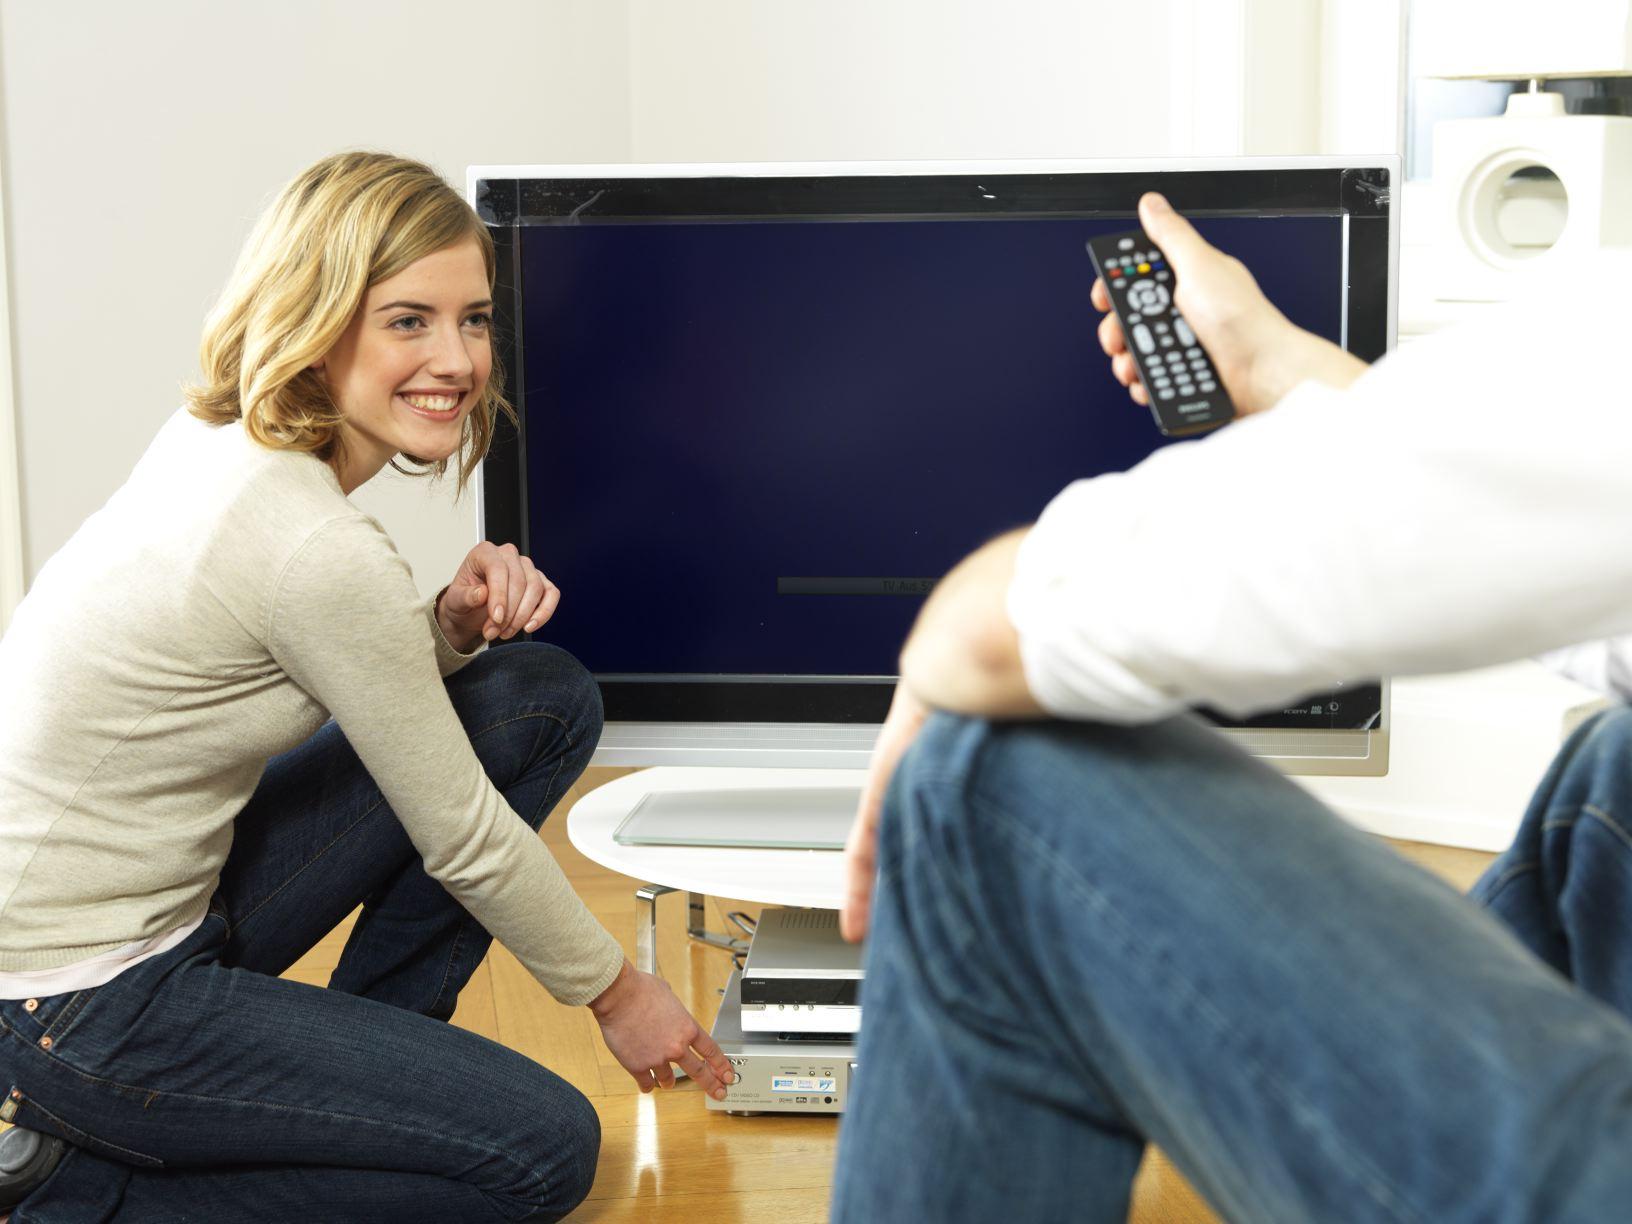 Energieeffizient Fernsehen, wenn man genau hinsieht, Quelle: Initiative EnergieEffizienz / dena